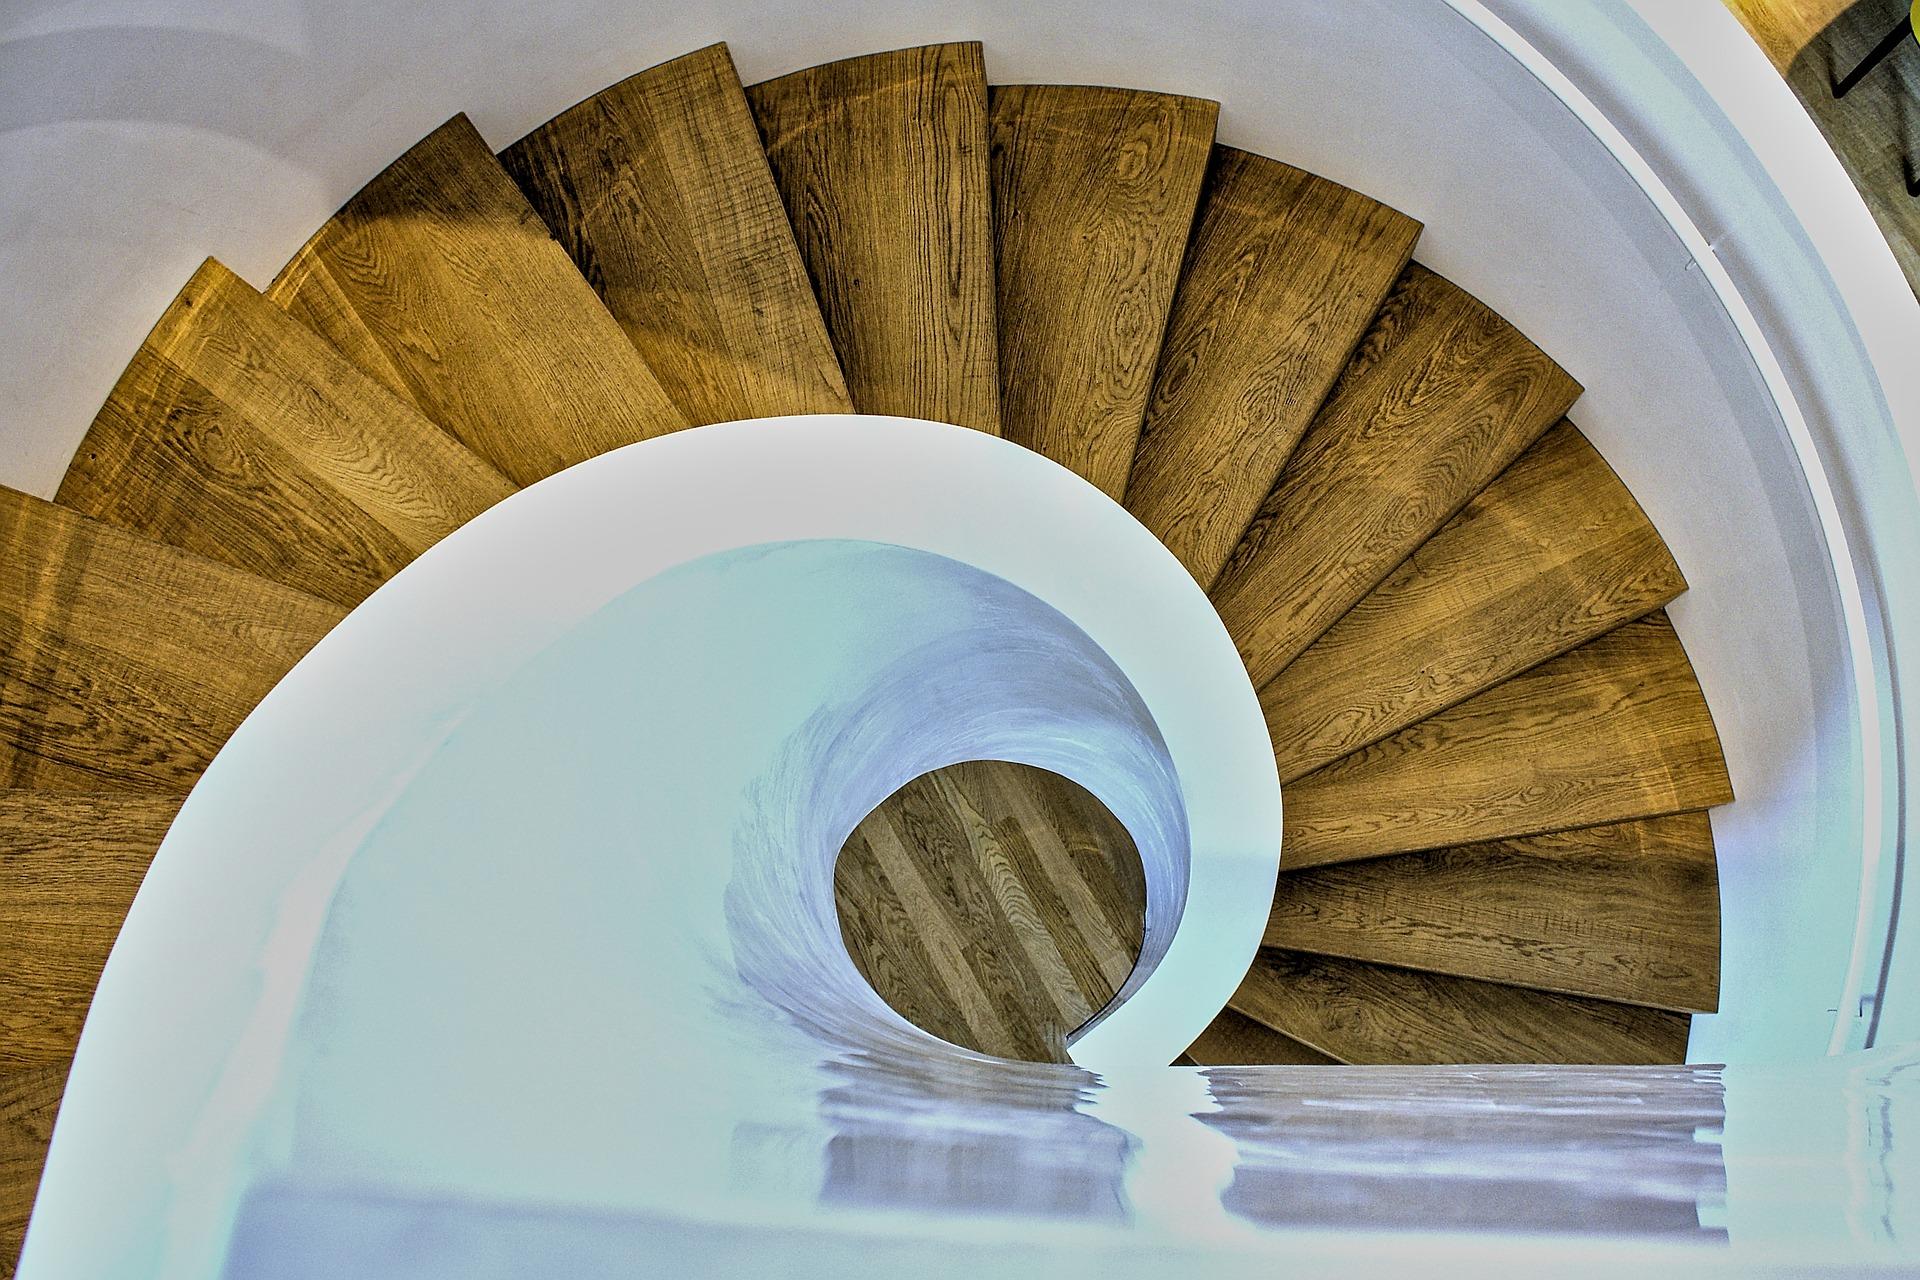 L'avantage d'un bel escalier en bois